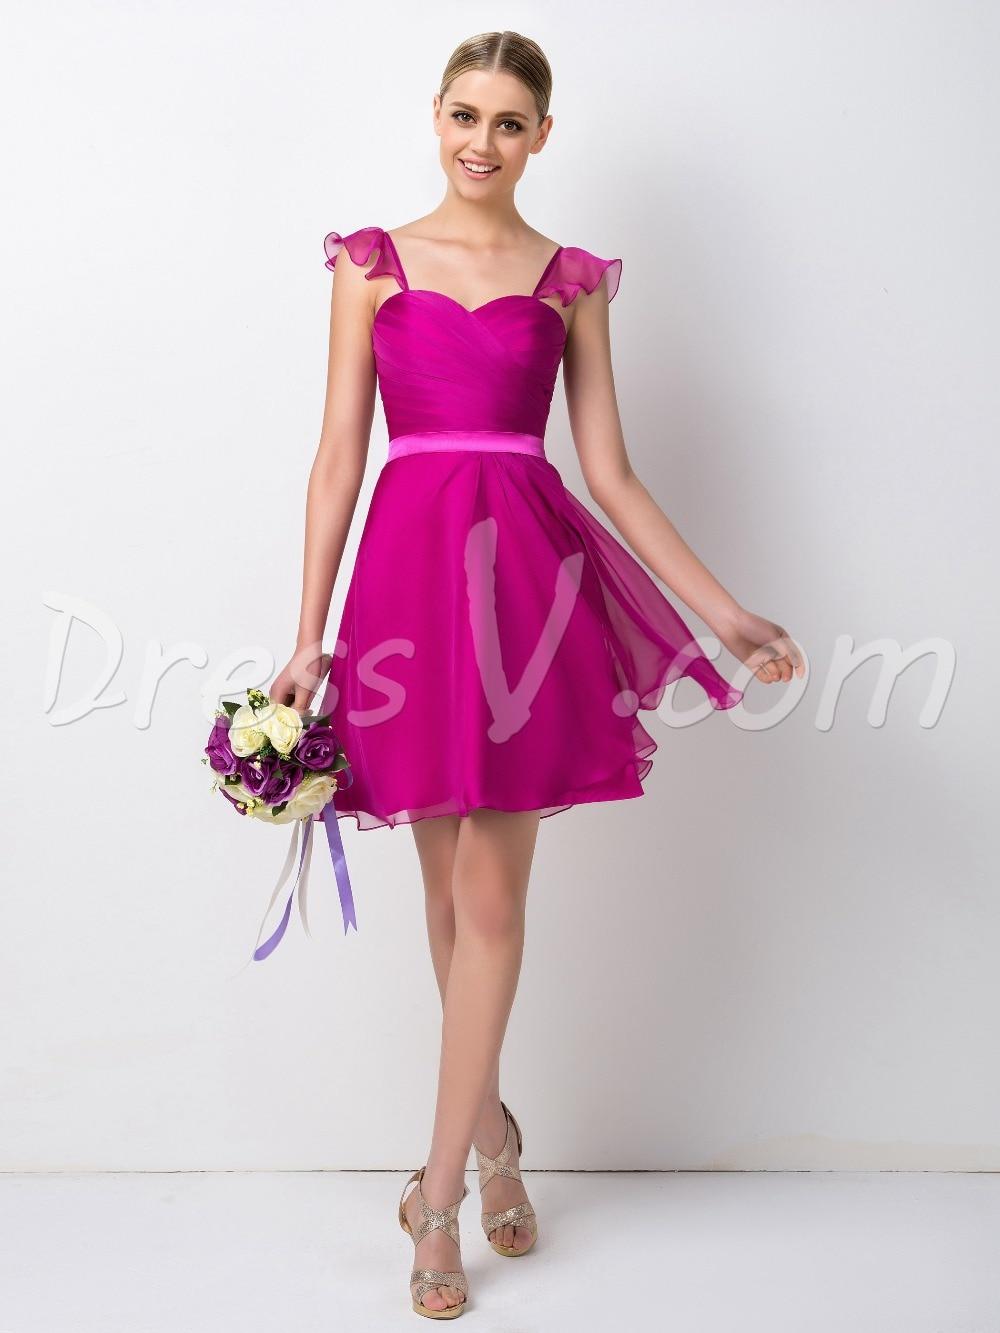 Increíble Vestidos De Dama De Menores Foto - Colección de Vestidos ...